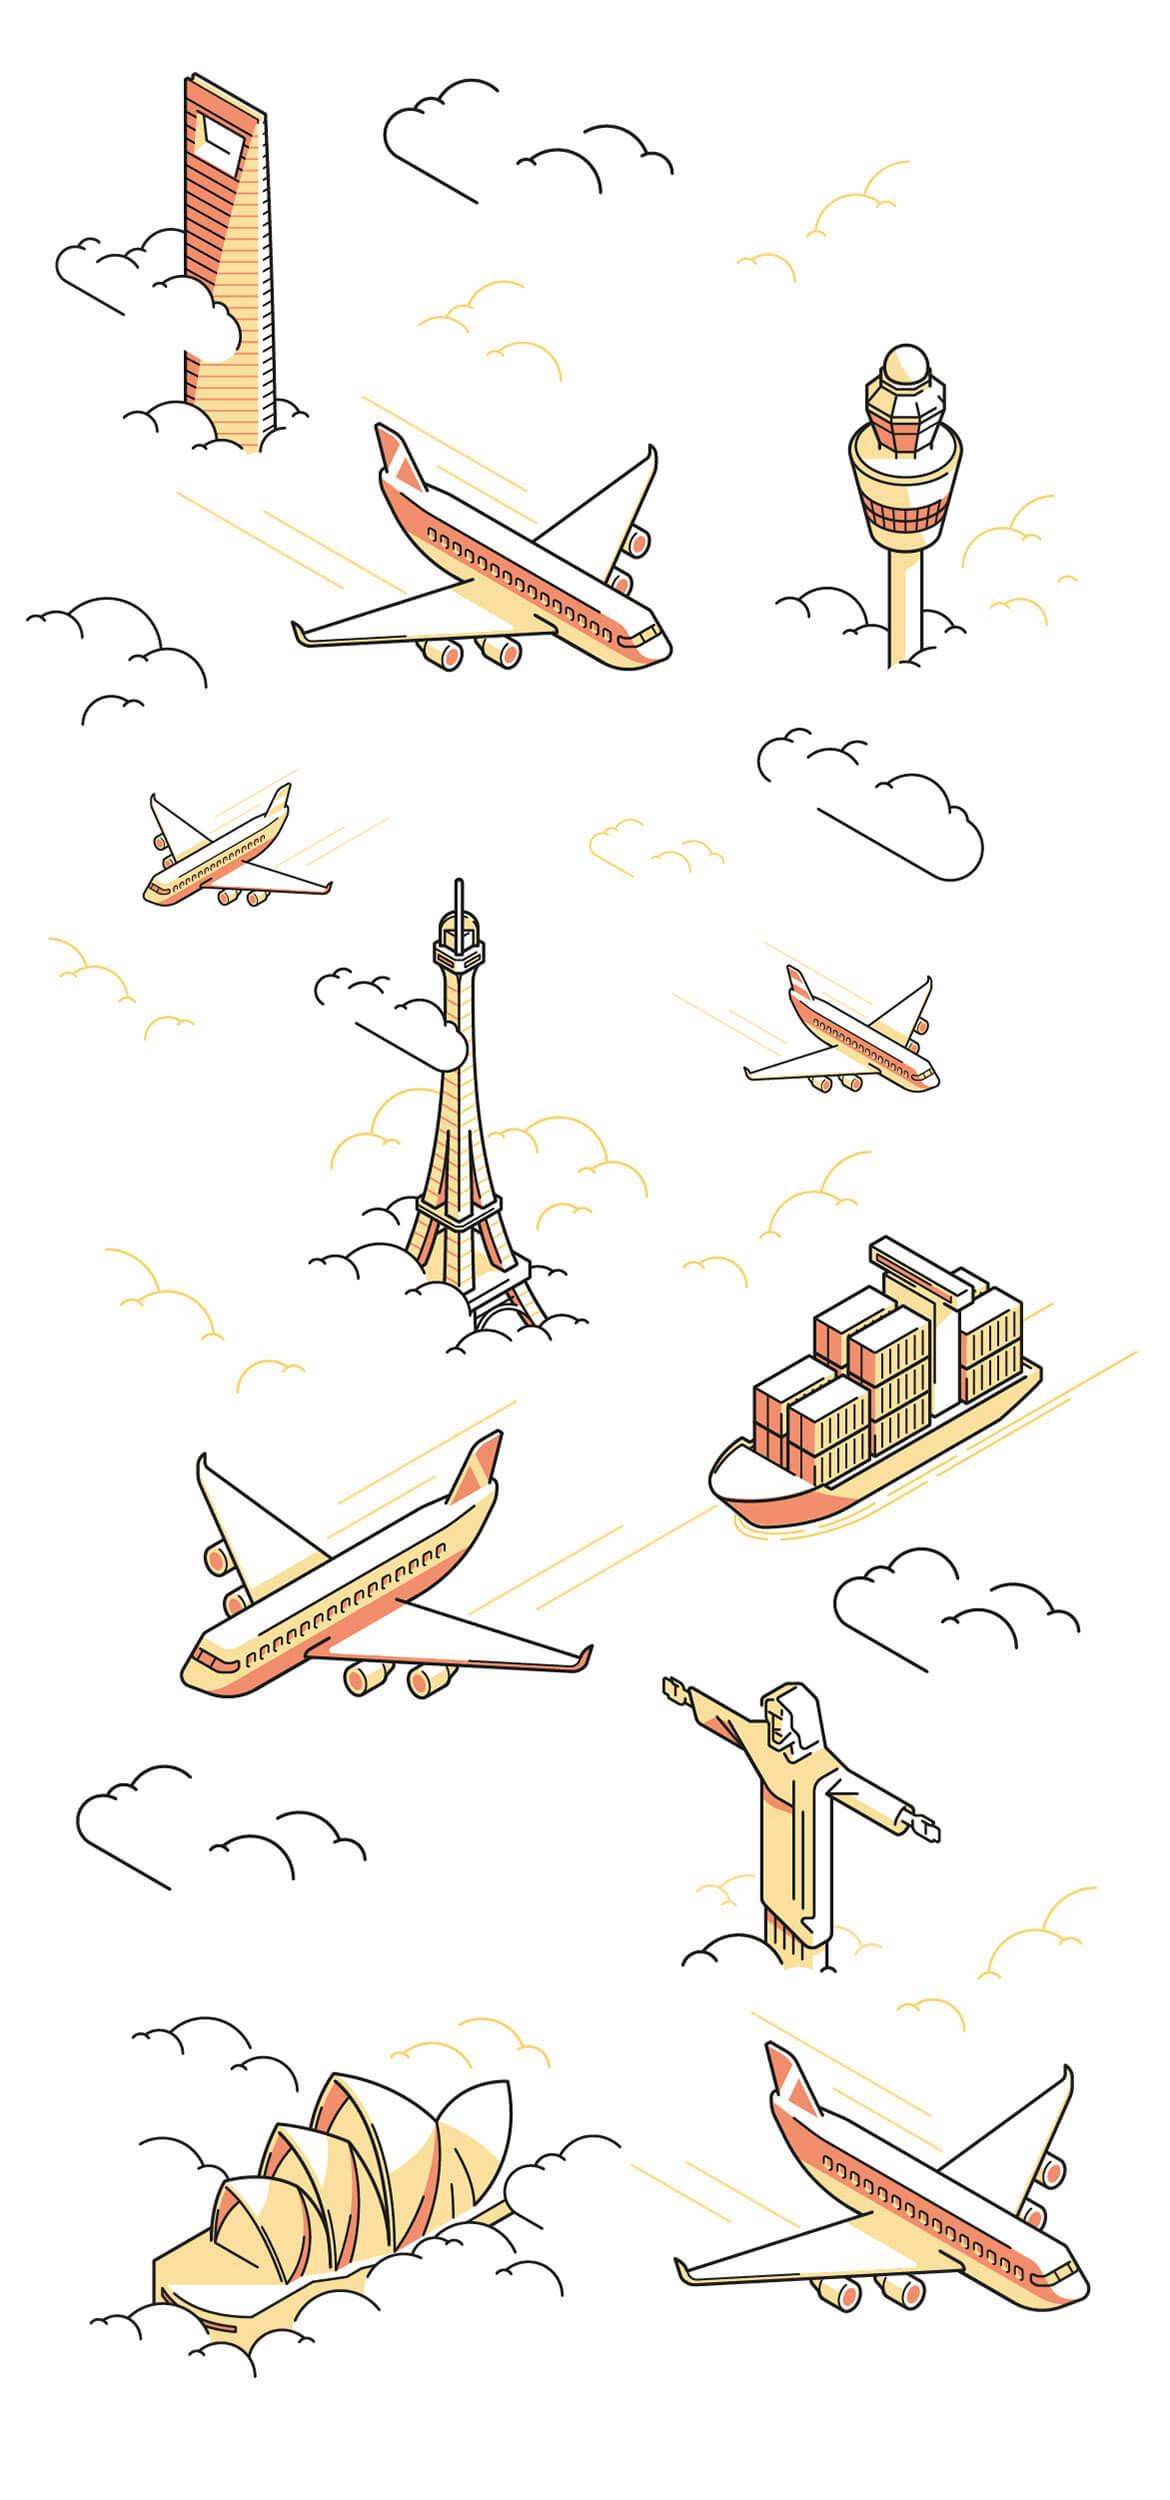 Cargoguide_Illustratie_Staand